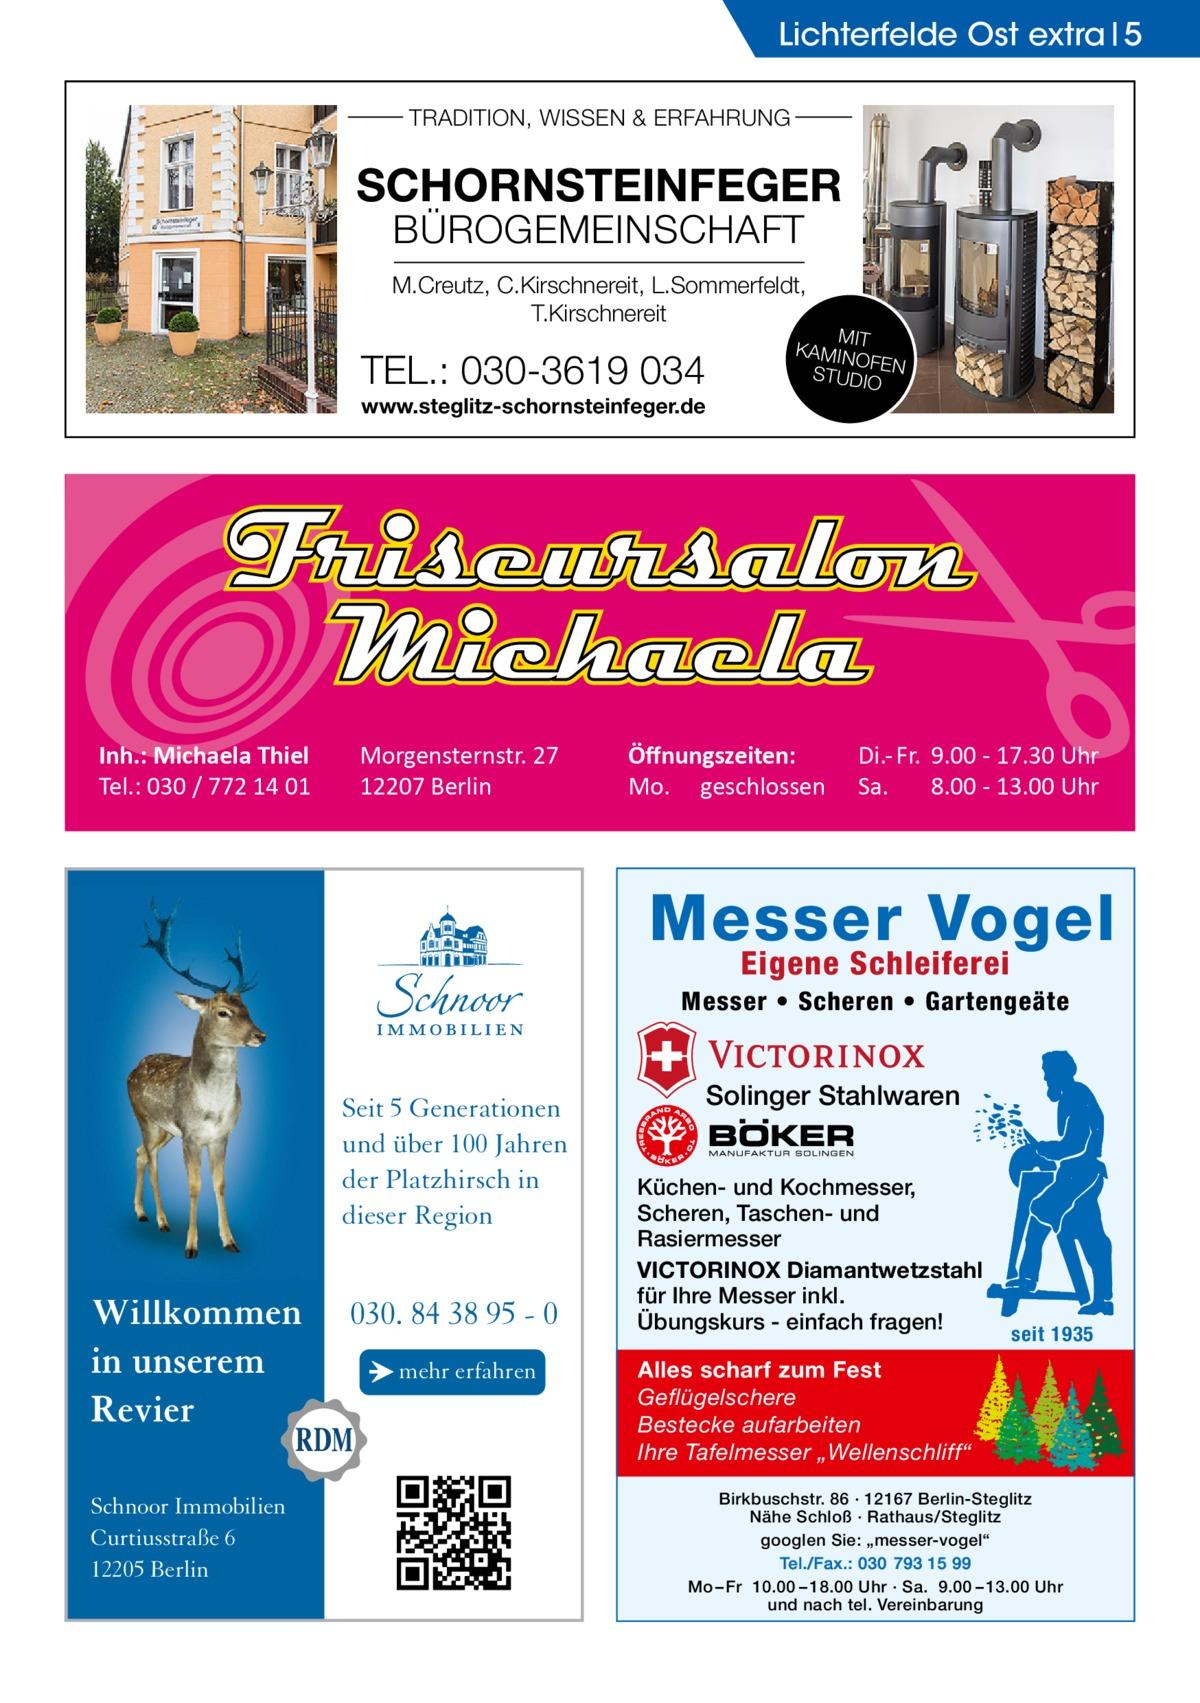 """Lichterfelde Ost extra 5 TRADITION, WISSEN & ERFAHRUNG  SCHORNSTEINFEGER BÜROGEMEINSCHAFT  M.Creutz, C.Kirschnereit, L.Sommerfeldt, T.Kirschnereit  TEL.: 030-3619 034 www.steglitz-schornsteinfeger.de  Inh.: Michaela Thiel Tel.: 030 / 772 14 01  Morgensternstr. 27 12207 Berlin  MIT KAMIN OF STUDIOEN  Öffnungszeiten: Mo. geschlossen  Di.- Fr. 9.00 - 17.30 Uhr Sa. 8.00 - 13.00 Uhr  Messer Vogel Eigene Schleiferei  Messer • Scheren • Gartengeäte  Seit 5 Generationen und über 100 Jahren der Platzhirsch in dieser Region  Willkommen in unserem Revier Schnoor Immobilien Curtiusstraße 6 12205 Berlin  030. 84 38 95 - 0 → mehr erfahren  Solinger Stahlwaren Küchen- und Kochmesser, Scheren, Taschen- und Rasiermesser VICTORINOX Diamantwetzstahl für Ihre Messer inkl. Übungskurs - einfach fragen!  seit 1935  Alles scharf zum Fest Geflügelschere Bestecke aufarbeiten Ihre Tafelmesser """"Wellenschliff"""" Birkbuschstr. 86 · 12167 Berlin-Steglitz Nähe Schloß · Rathaus/Steglitz googlen Sie: """"messer-vogel"""" Tel./Fax.: 030 793 15 99 Mo – Fr 10.00 – 18.00 Uhr · Sa. 9.00 – 13.00 Uhr und nach tel. Vereinbarung"""